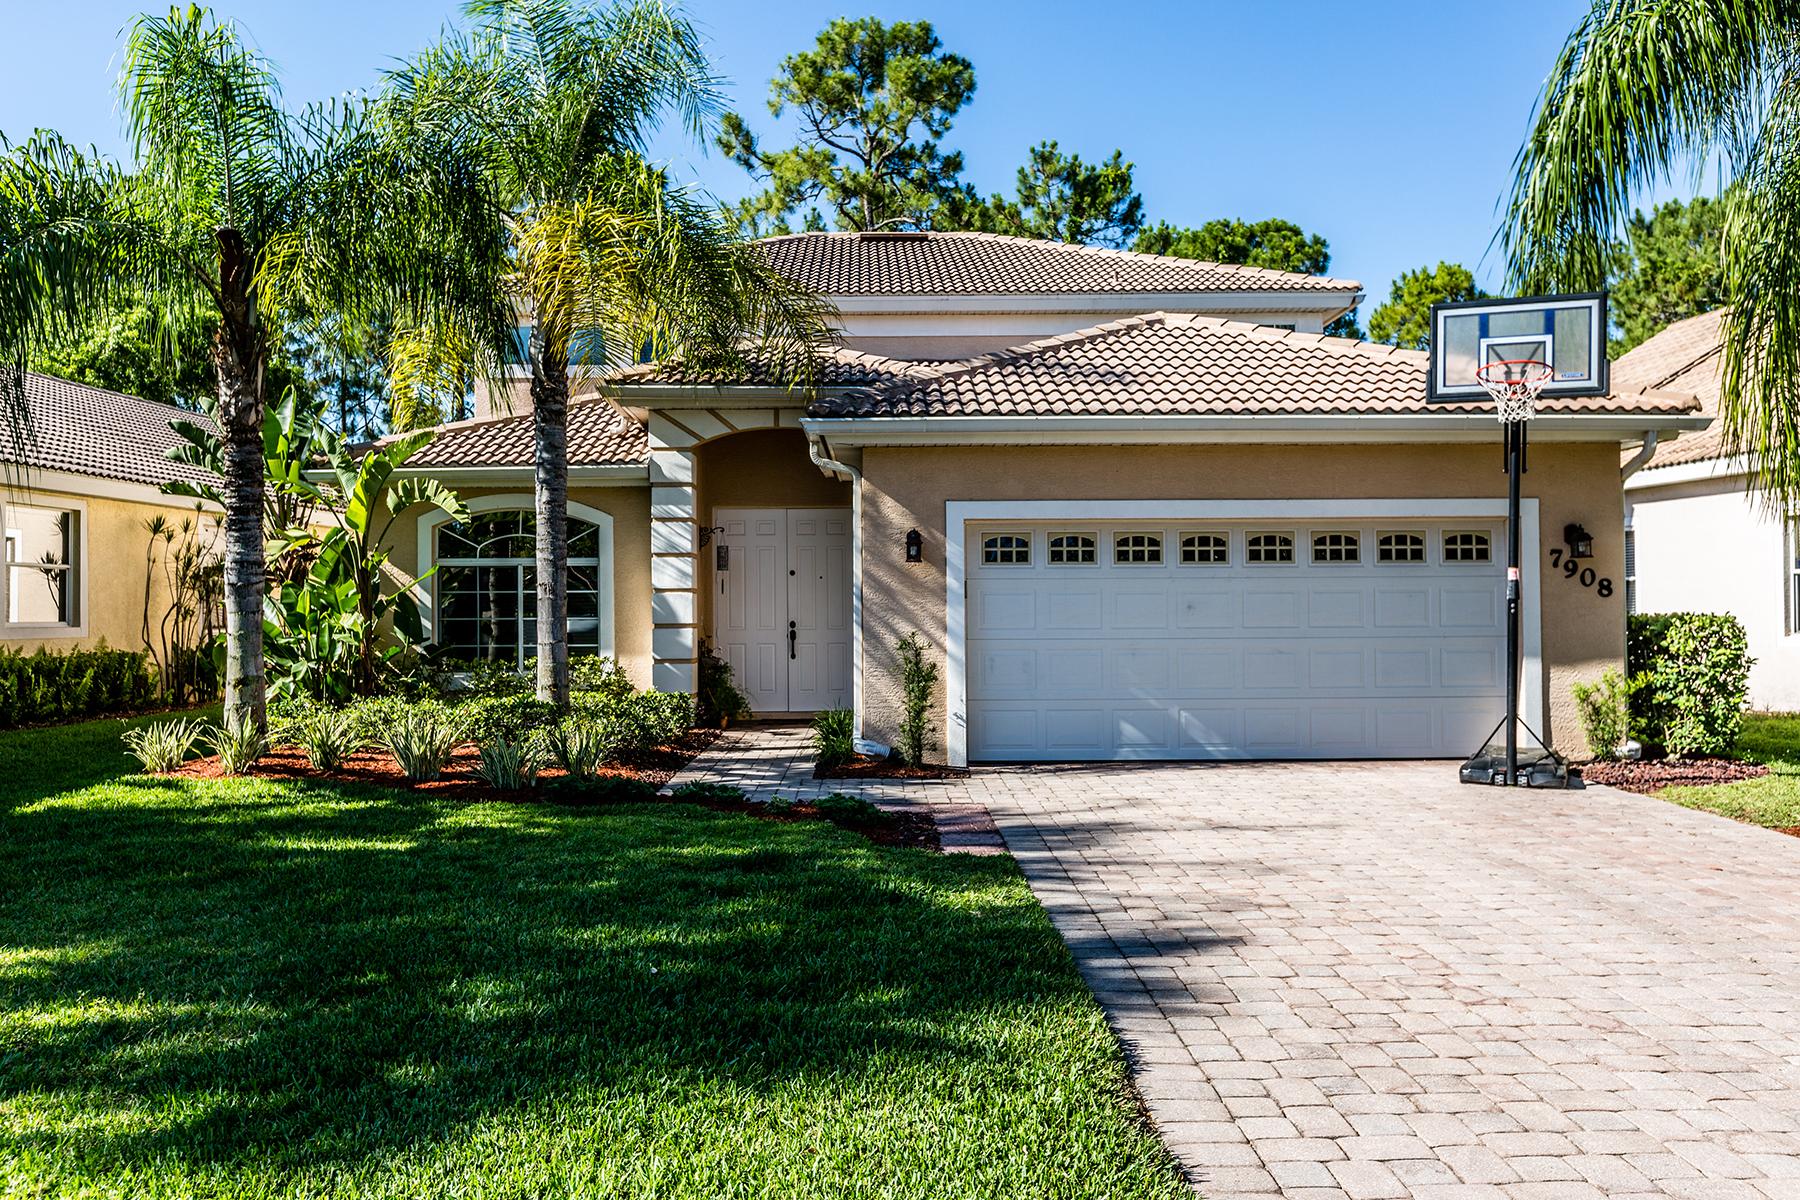 独户住宅 为 销售 在 The Shores 7908 Leicester Dr 那不勒斯, 佛罗里达州, 34104 美国